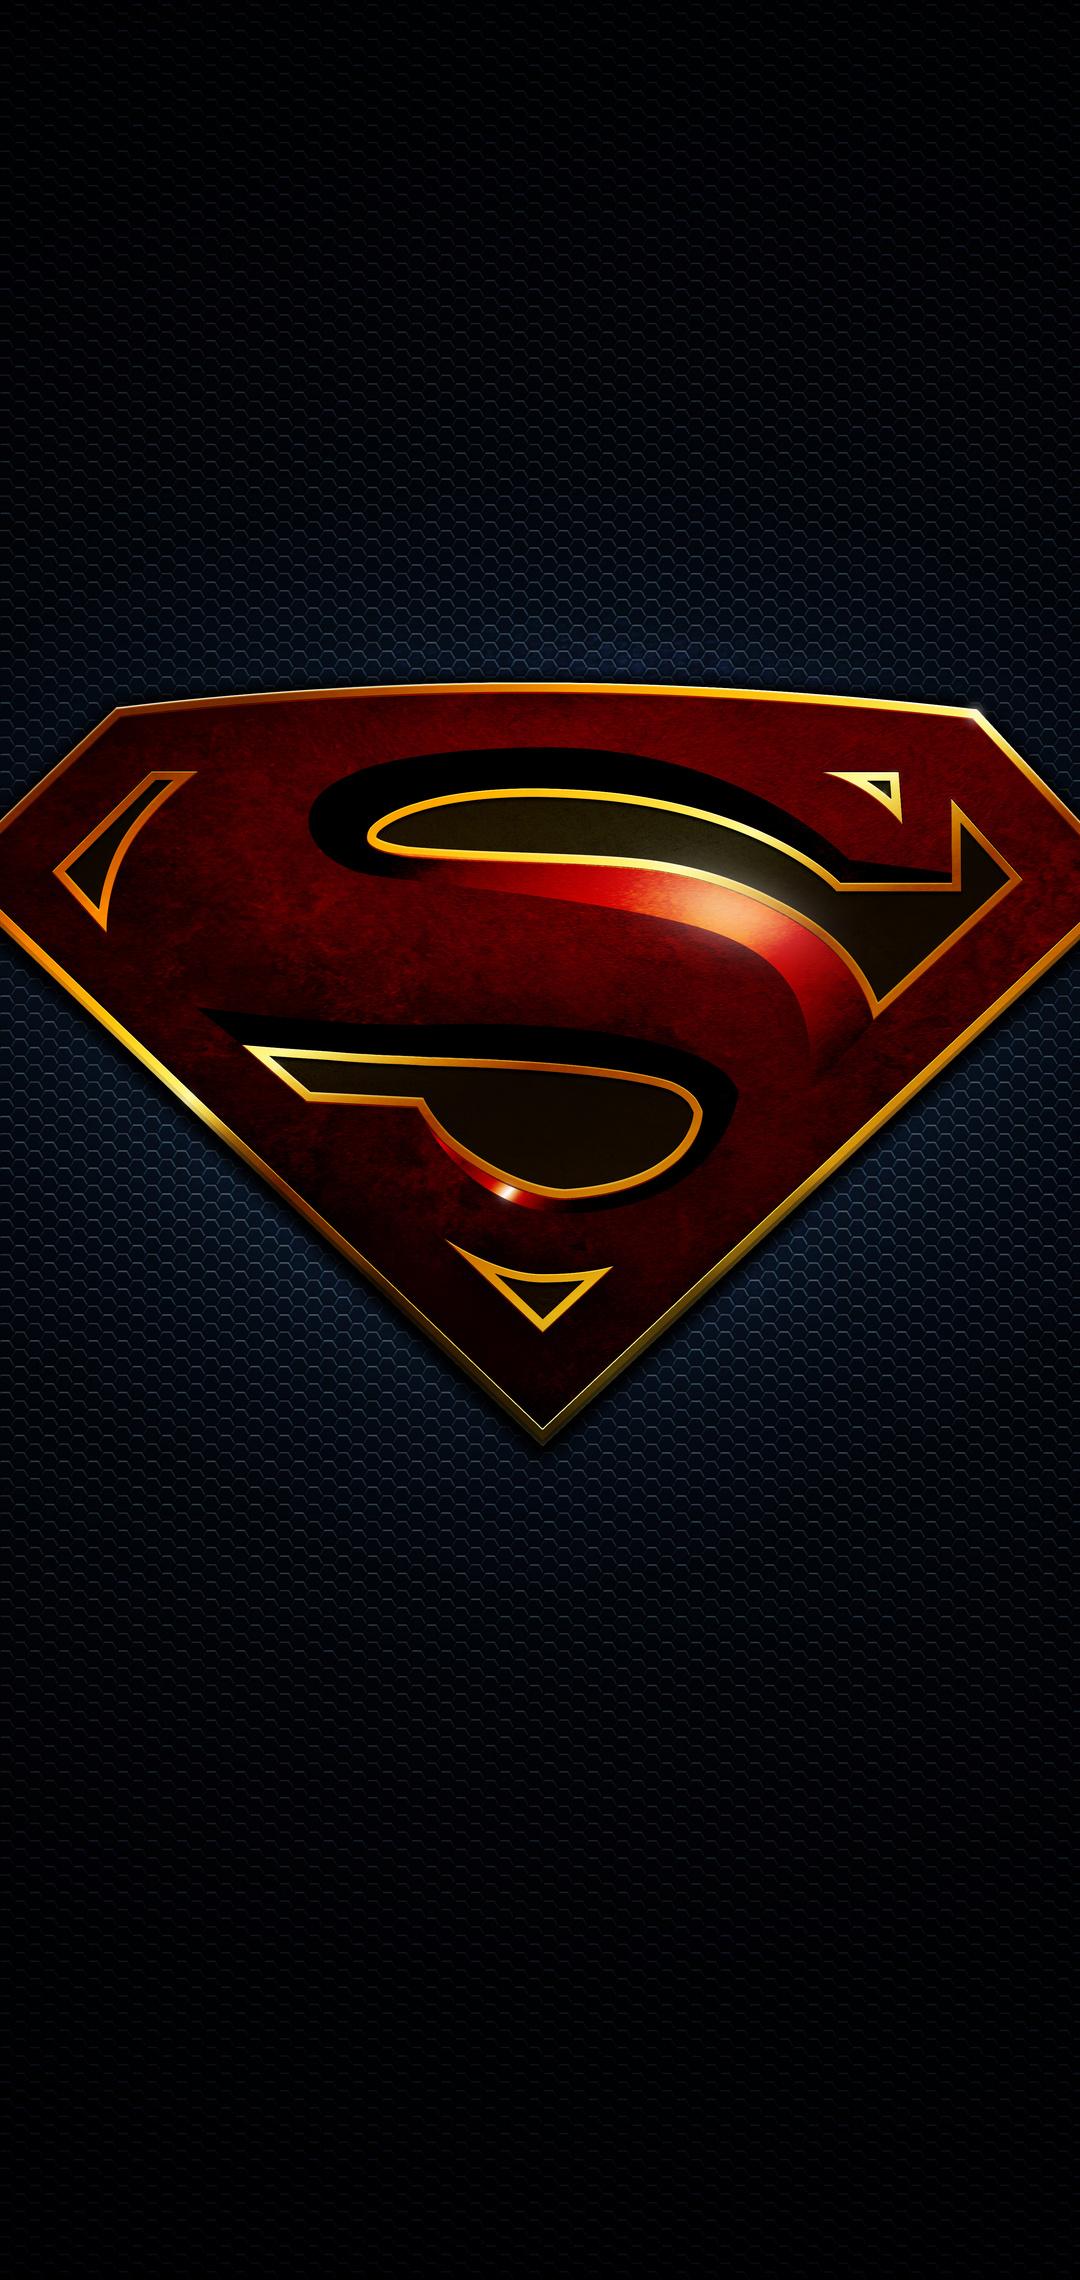 1080x2280 Superman Logo 10k One Plus 6huawei P20honor View 10vivo